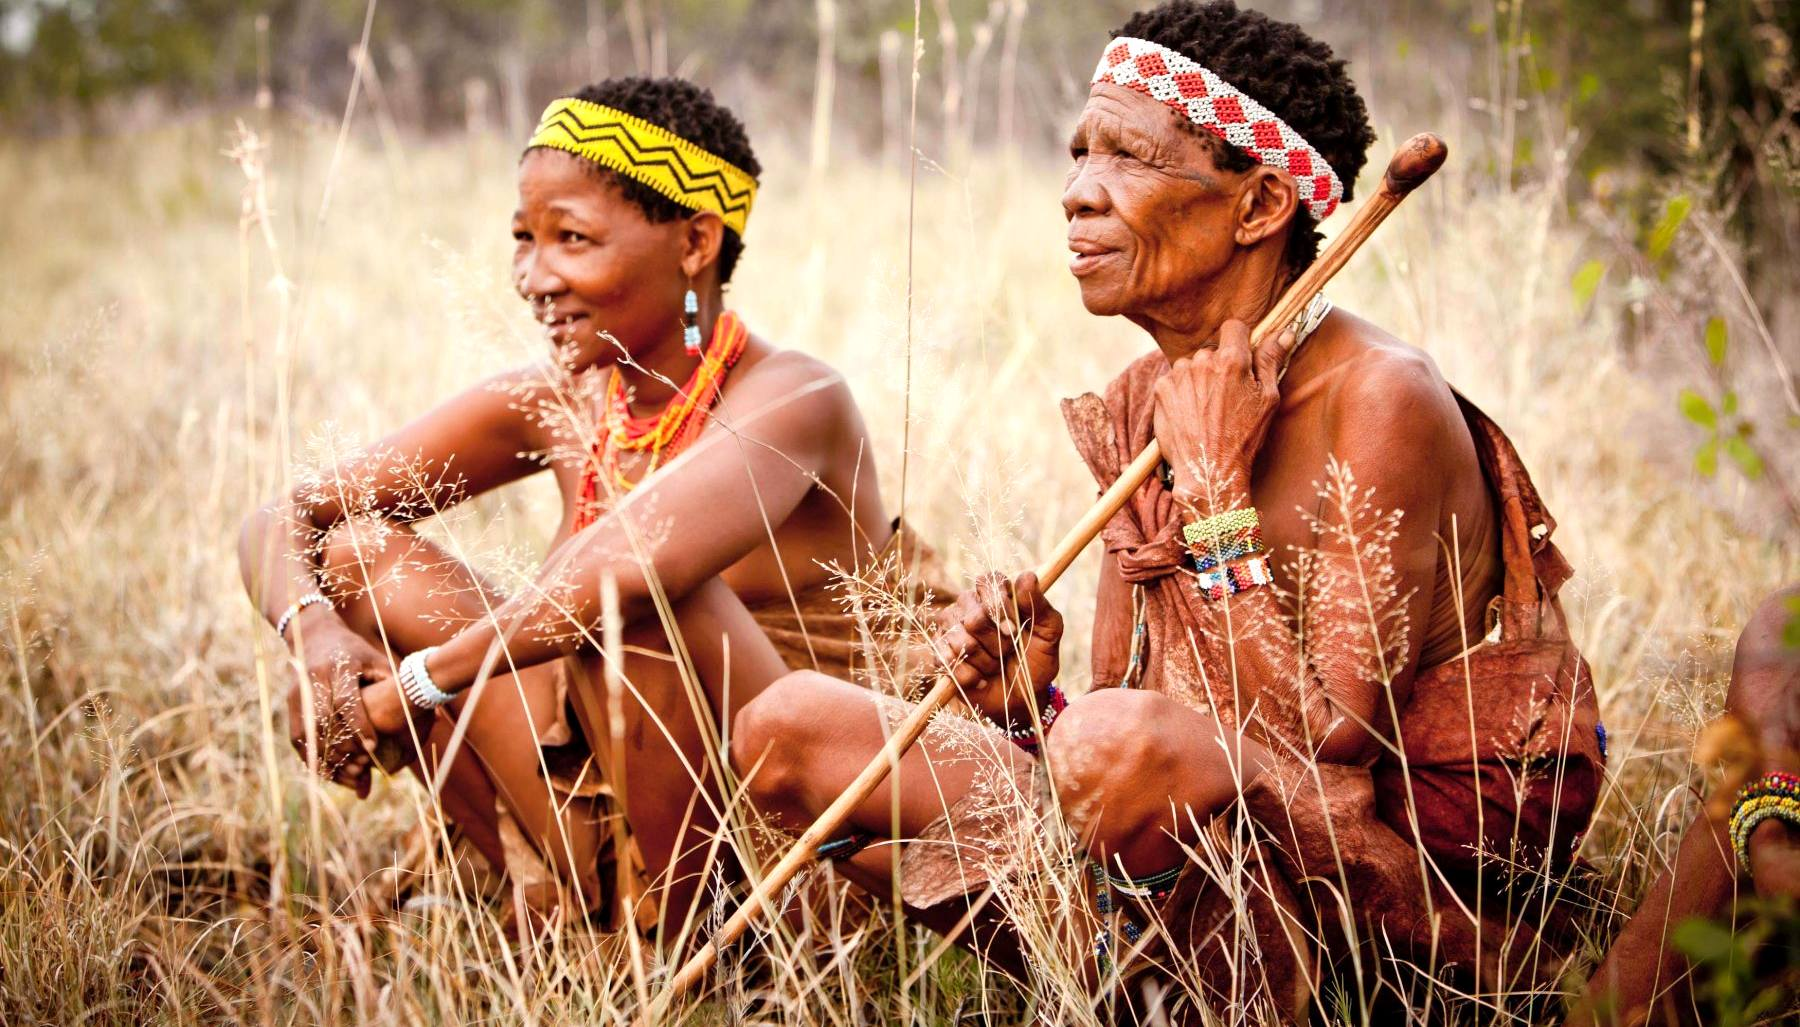 Антропогенез 10-100 тысяч лет назад: Появление современных рас